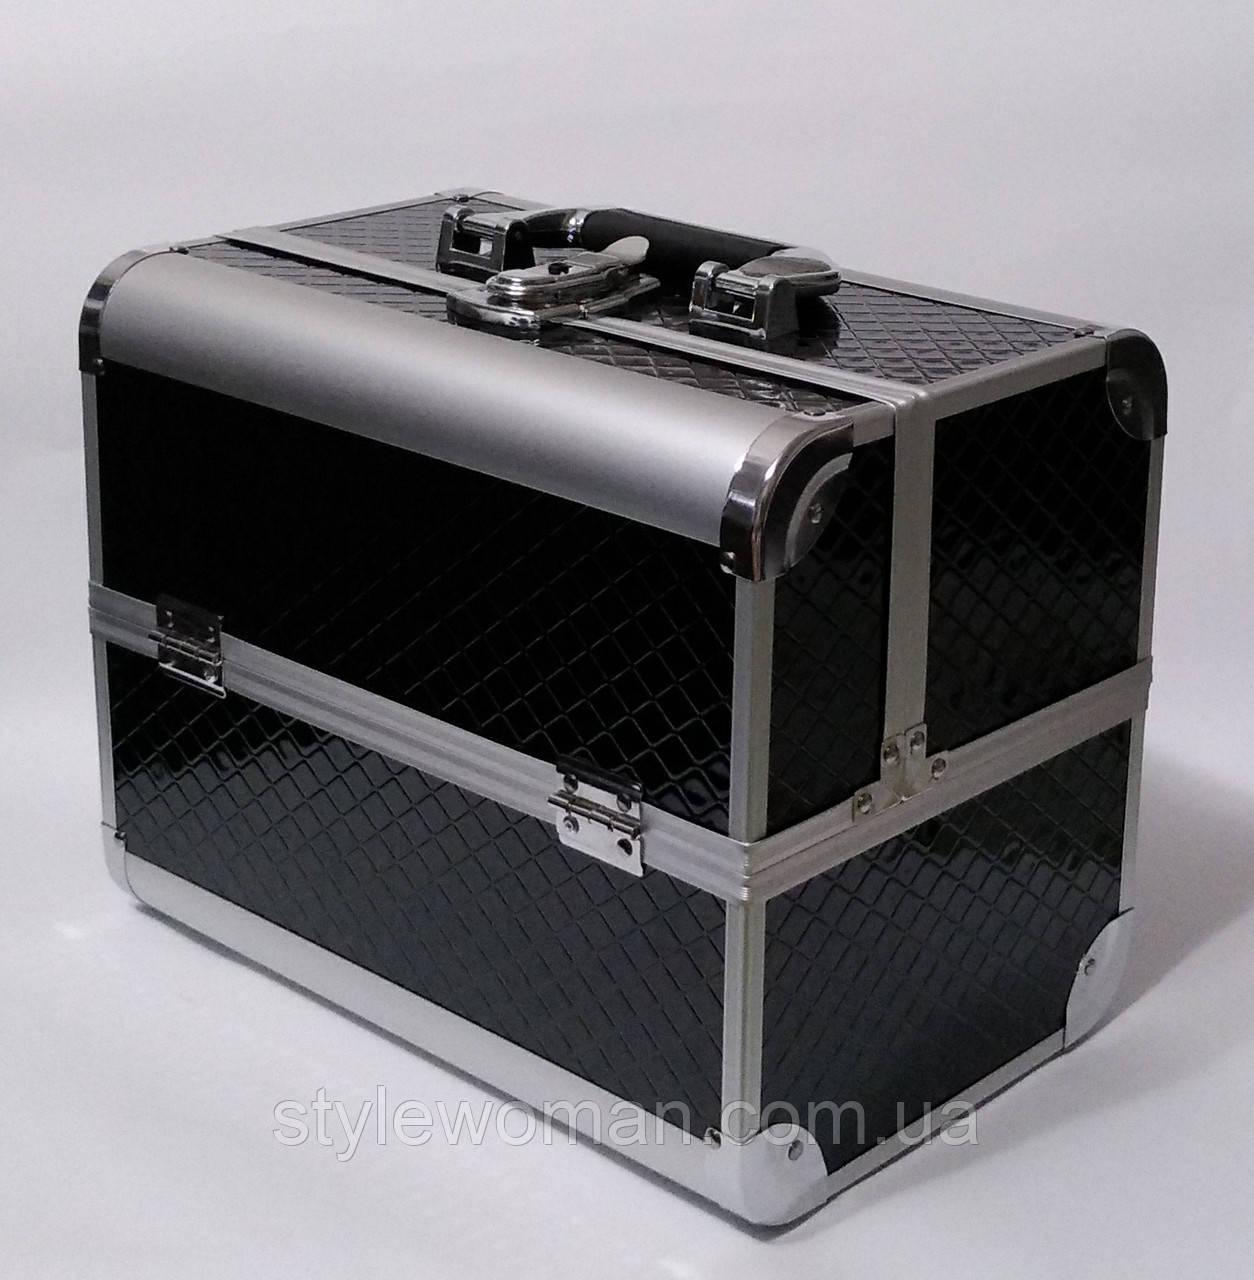 Бьюти кейс чемодан алюминиевый с ключом черный ромб для мастеров